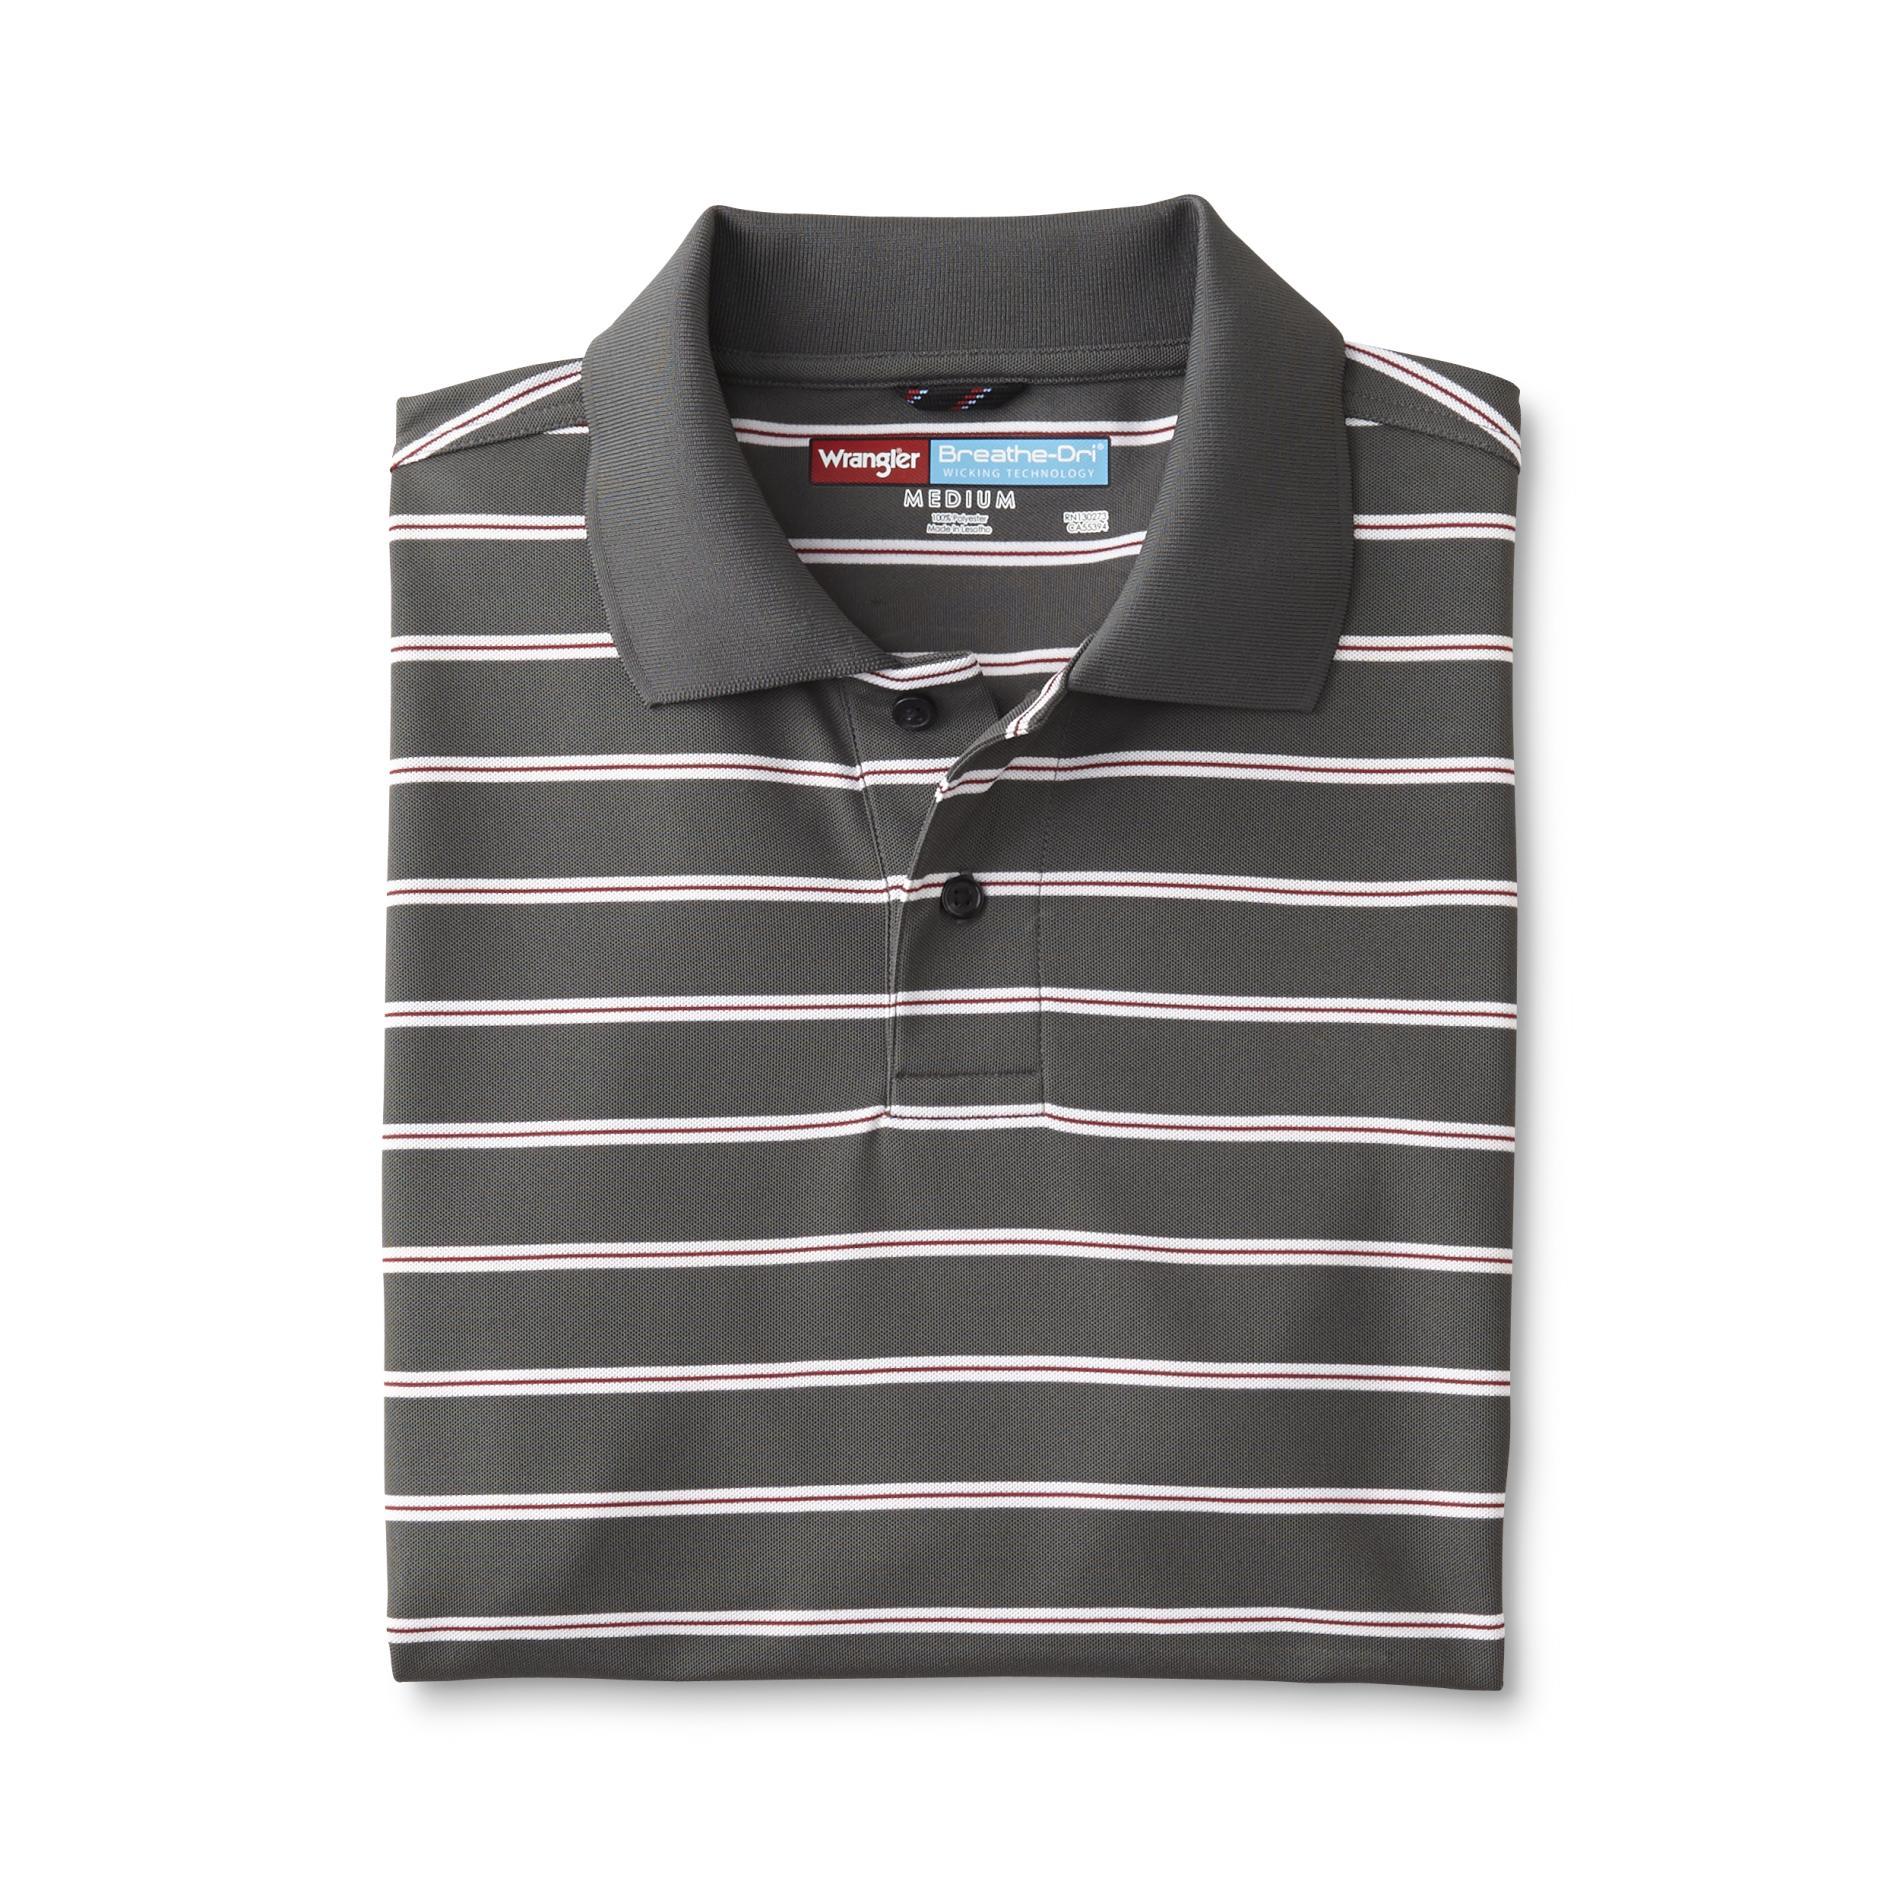 Wrangler Men's Big & Tall Tech Polo Shirt - Striped